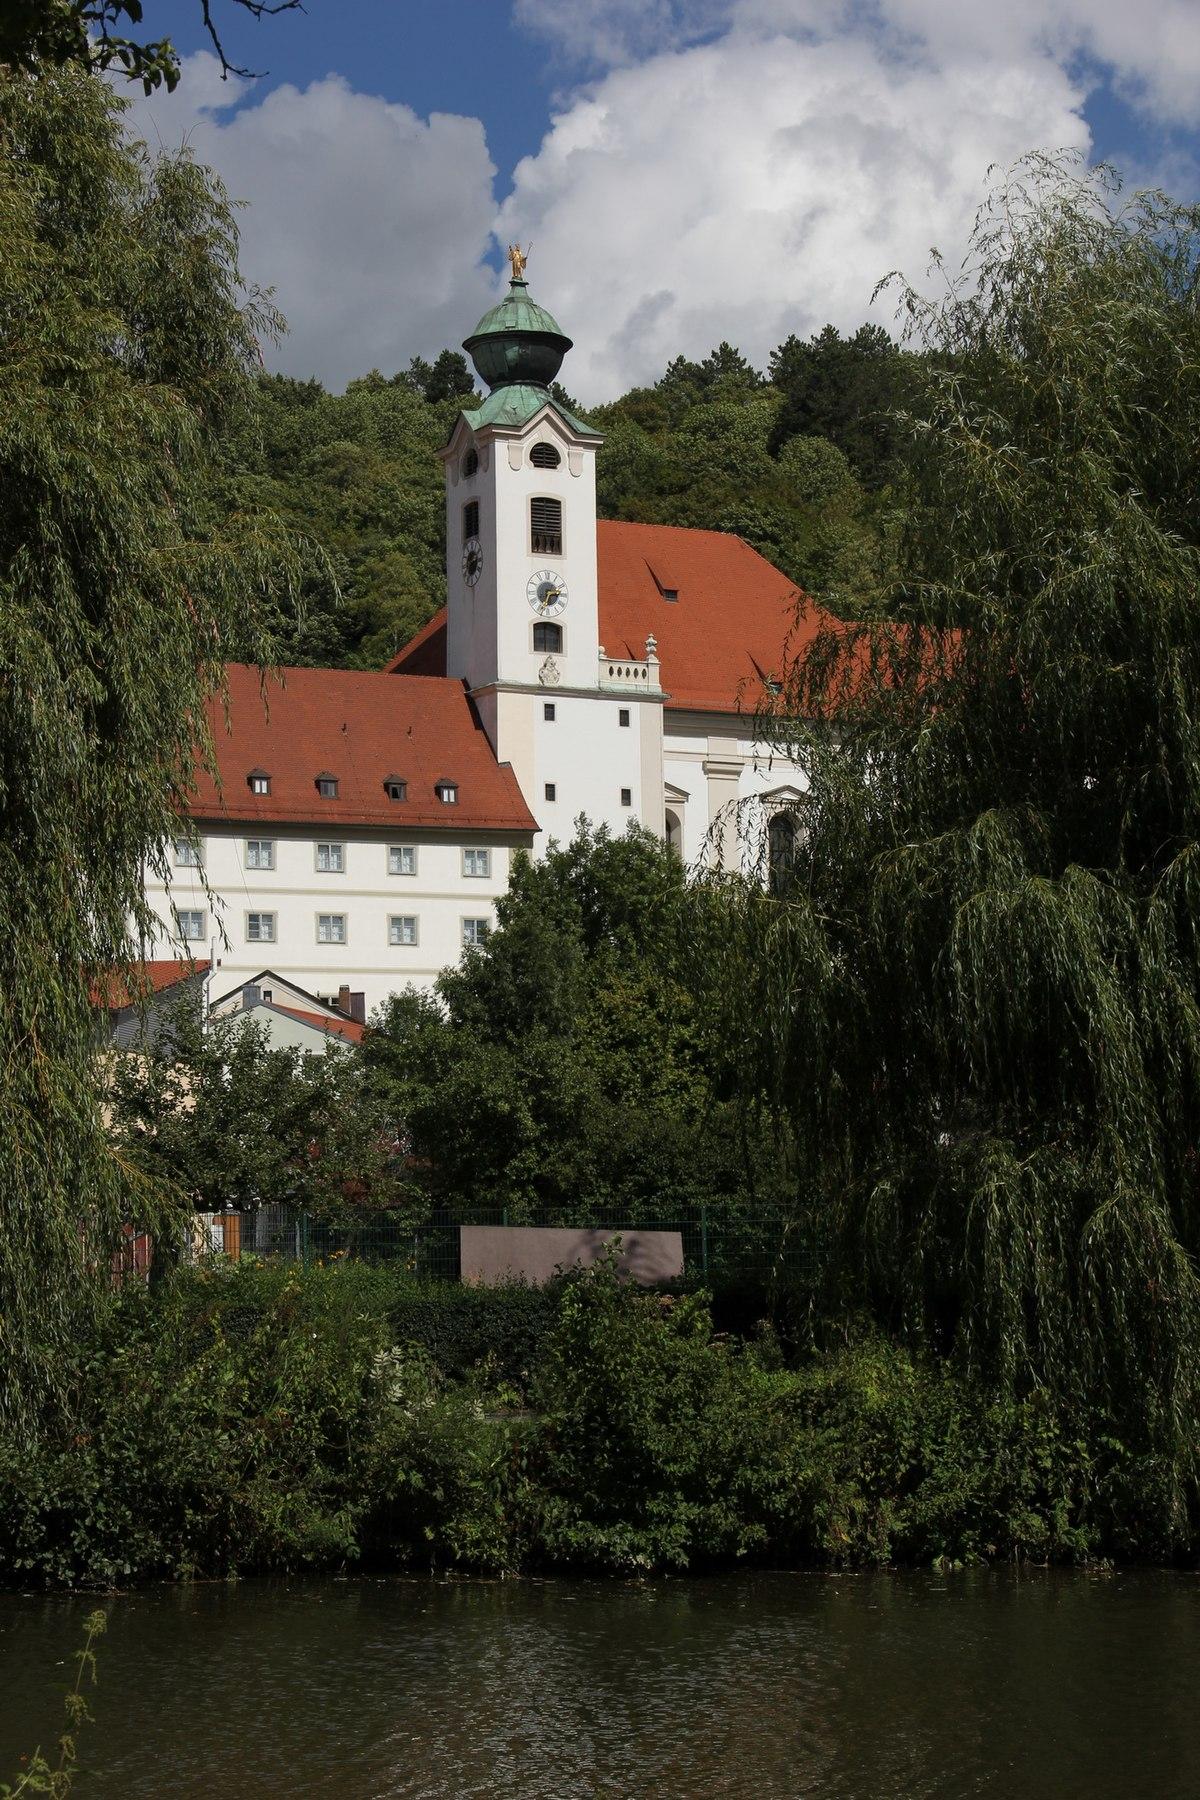 St Walburg Eichstätt